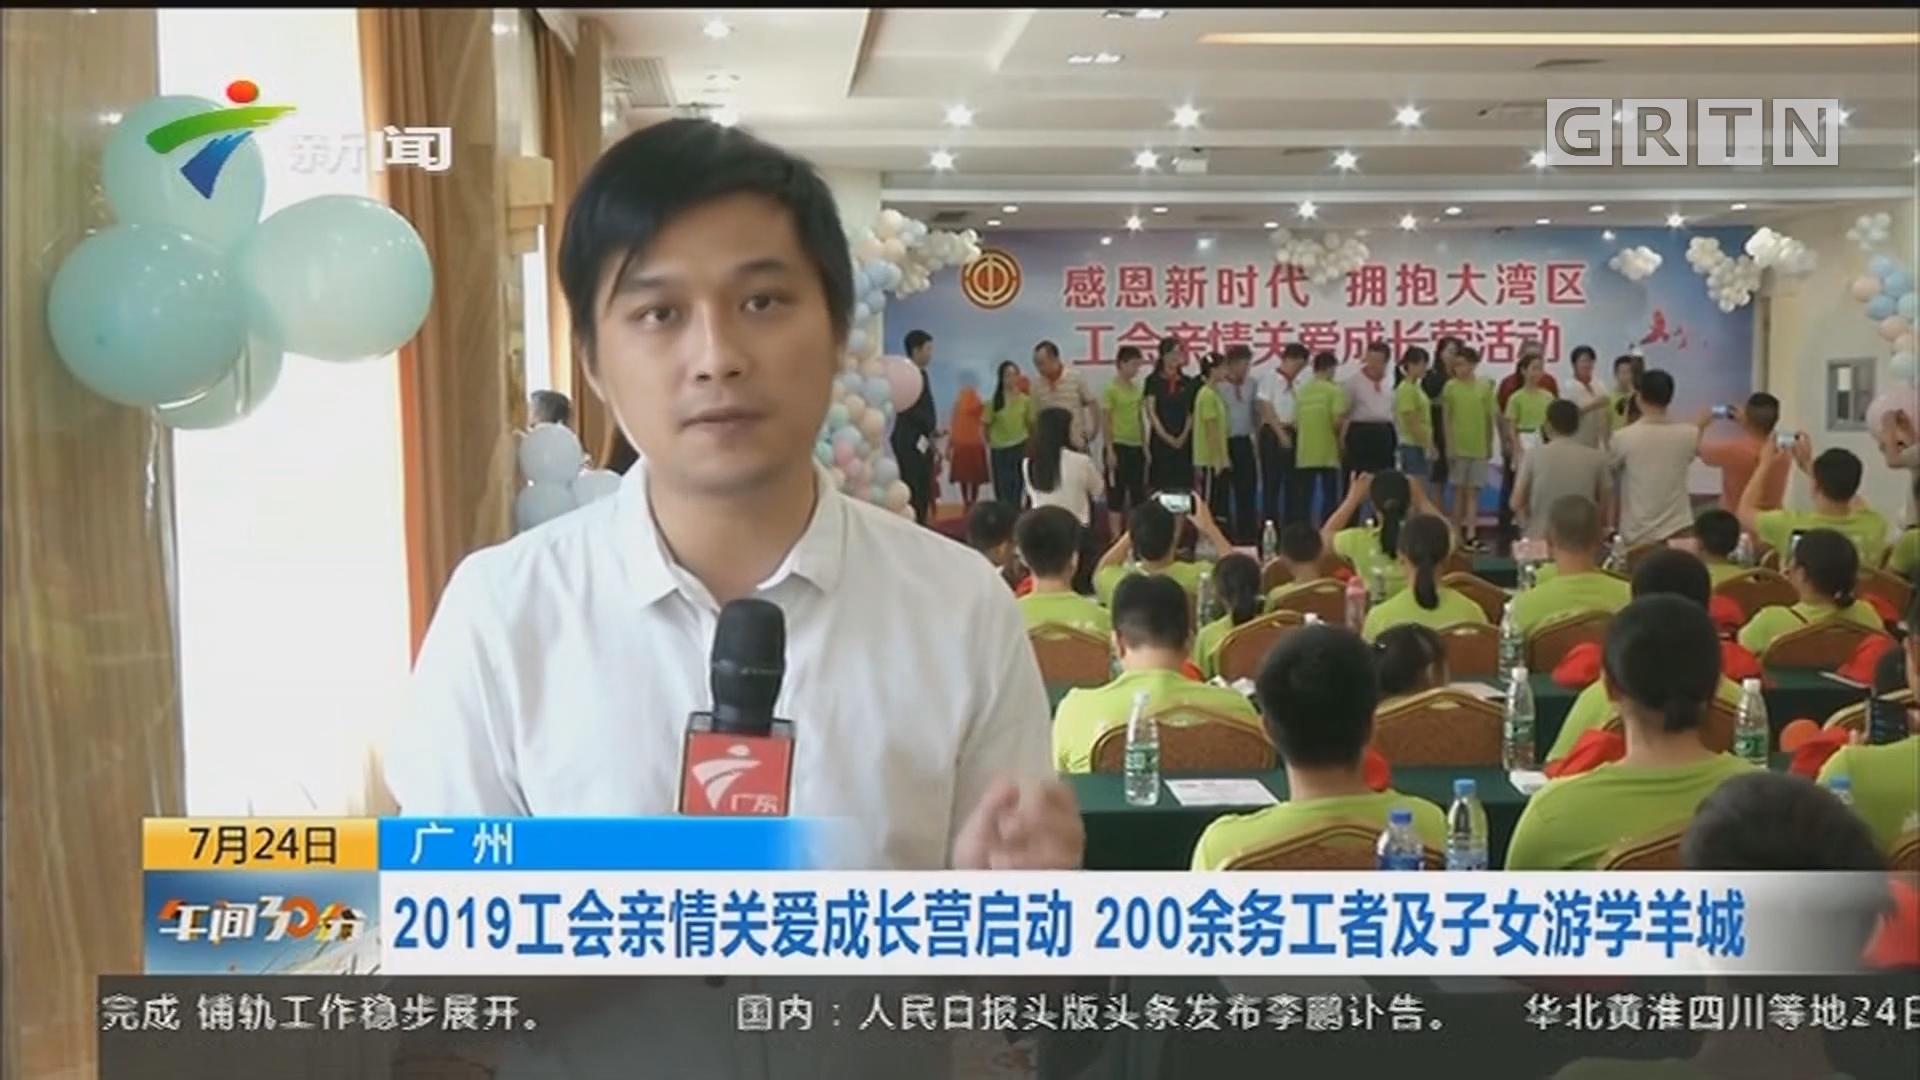 广州:2019工会亲情关爱成长营启动 200余务工者及子女游学羊城